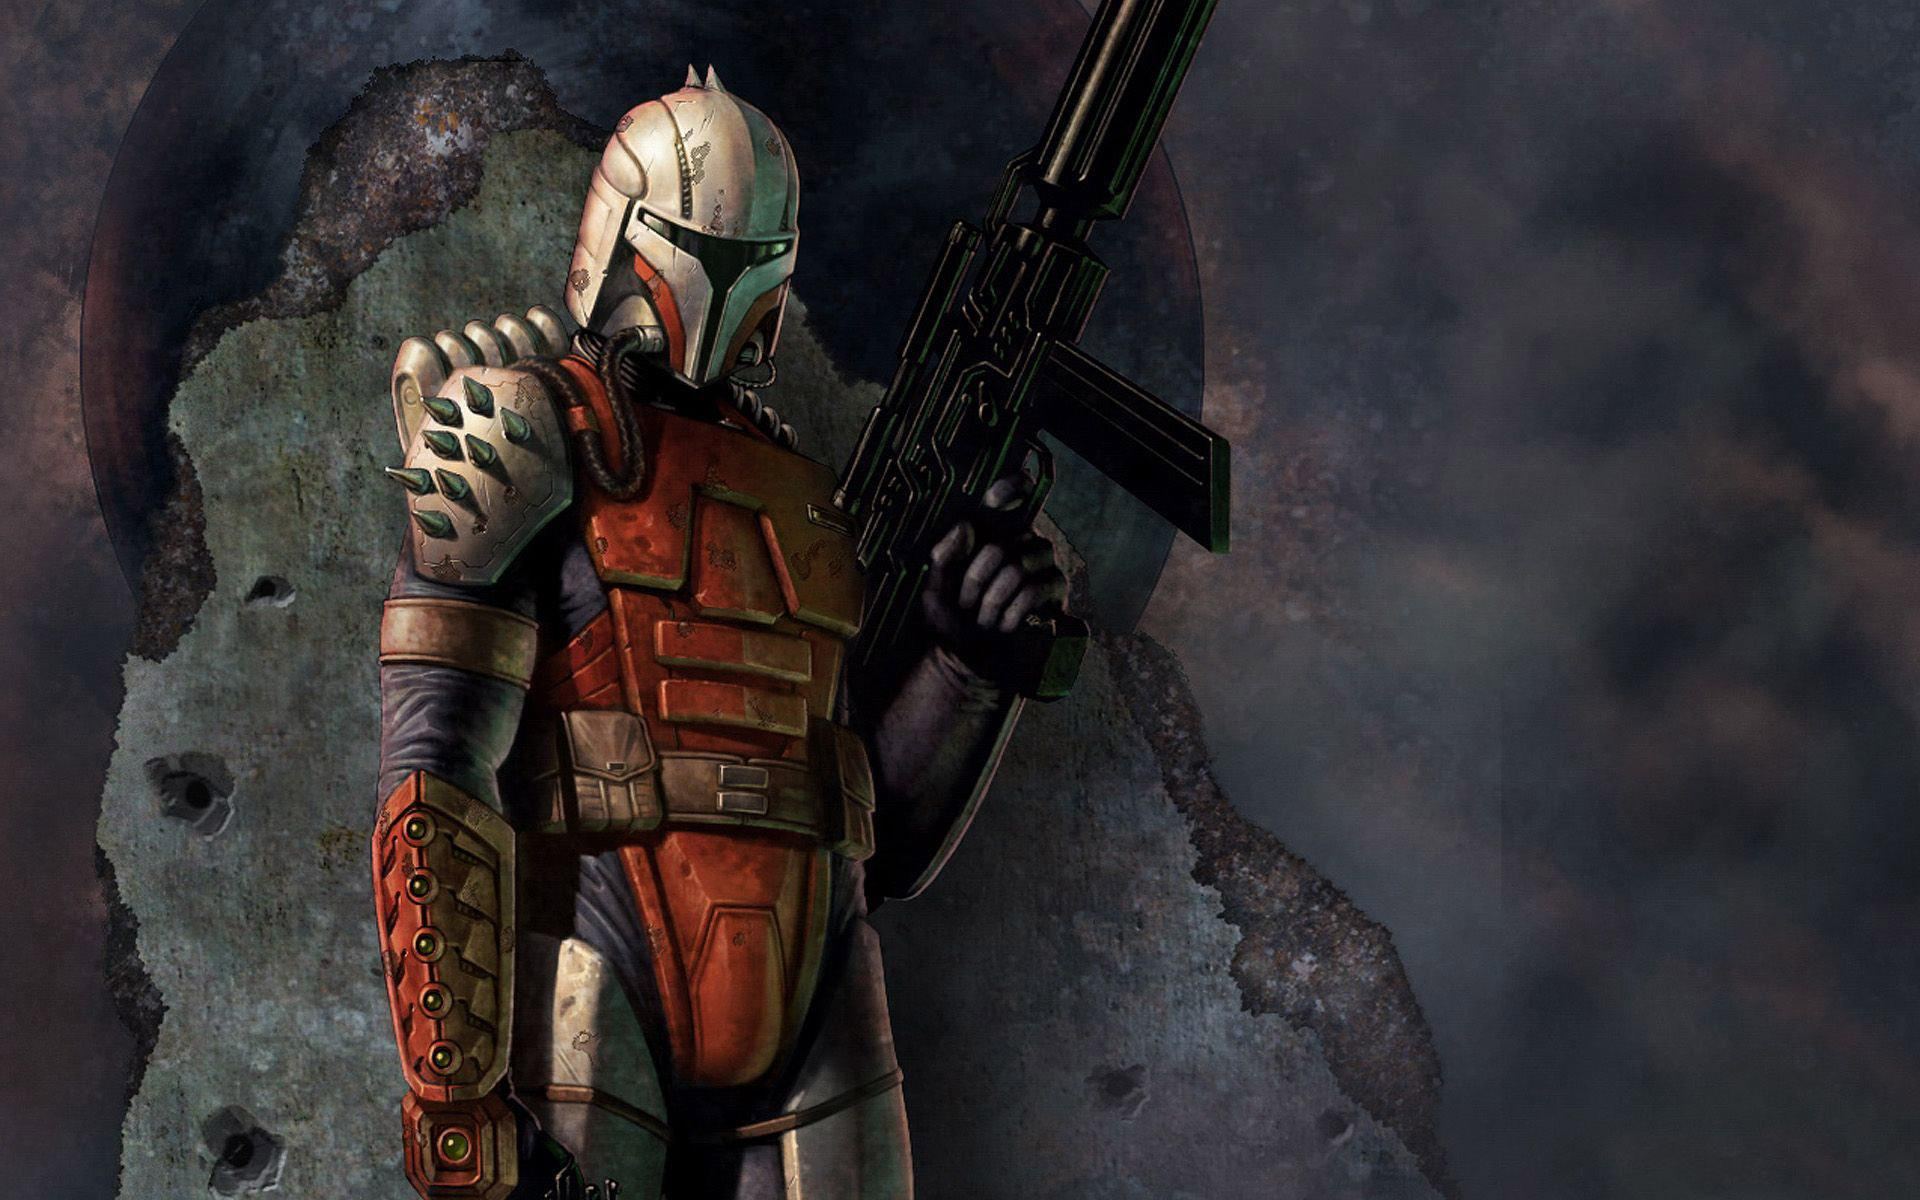 The Mandalorian Star Wars Tv Series Wallpapers Wallpaper Cave